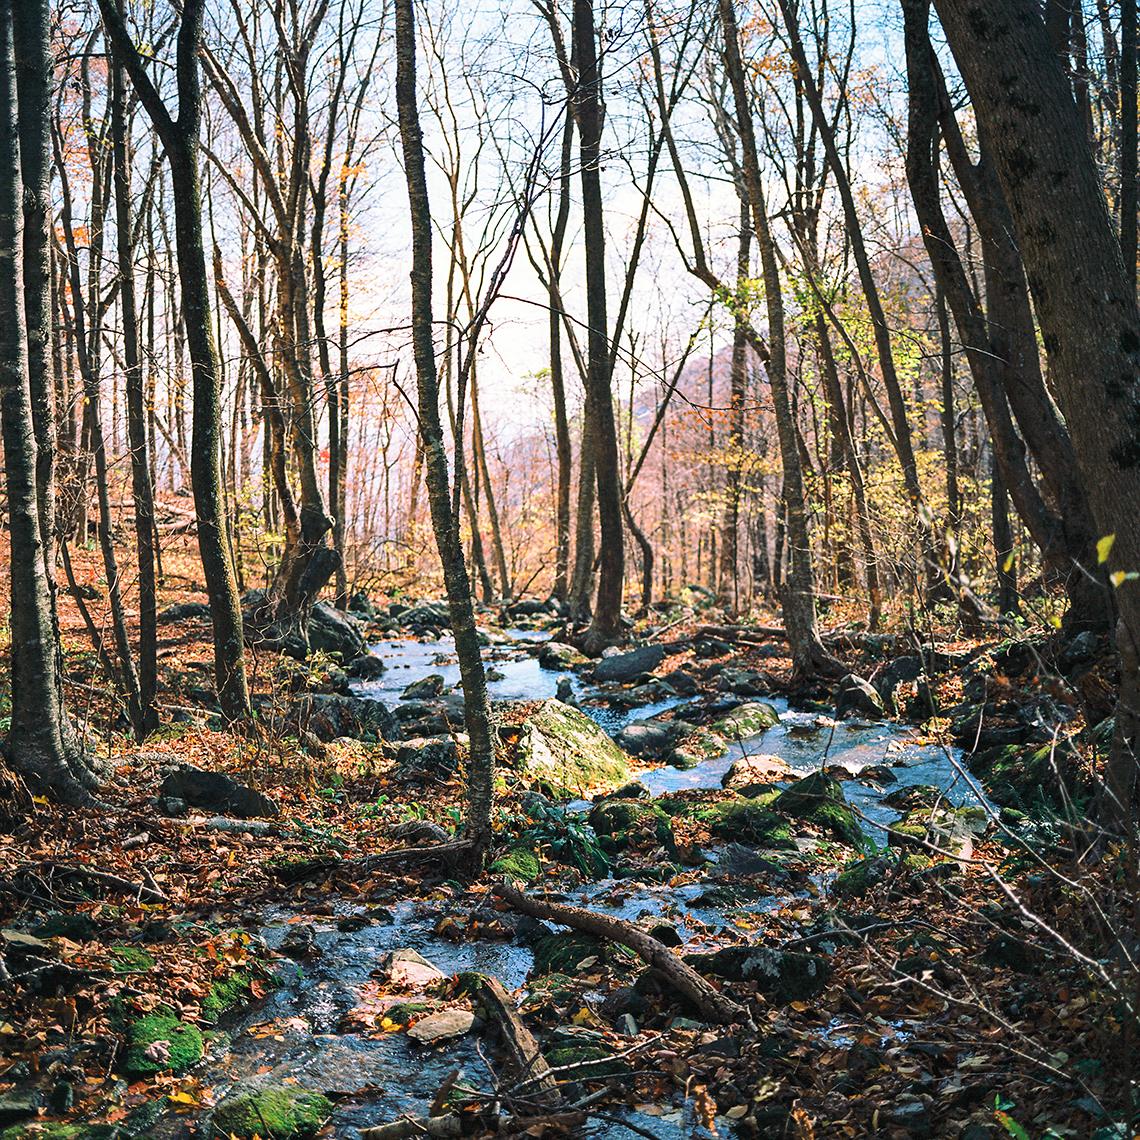 Shendoah National Park, Virginia, 2013